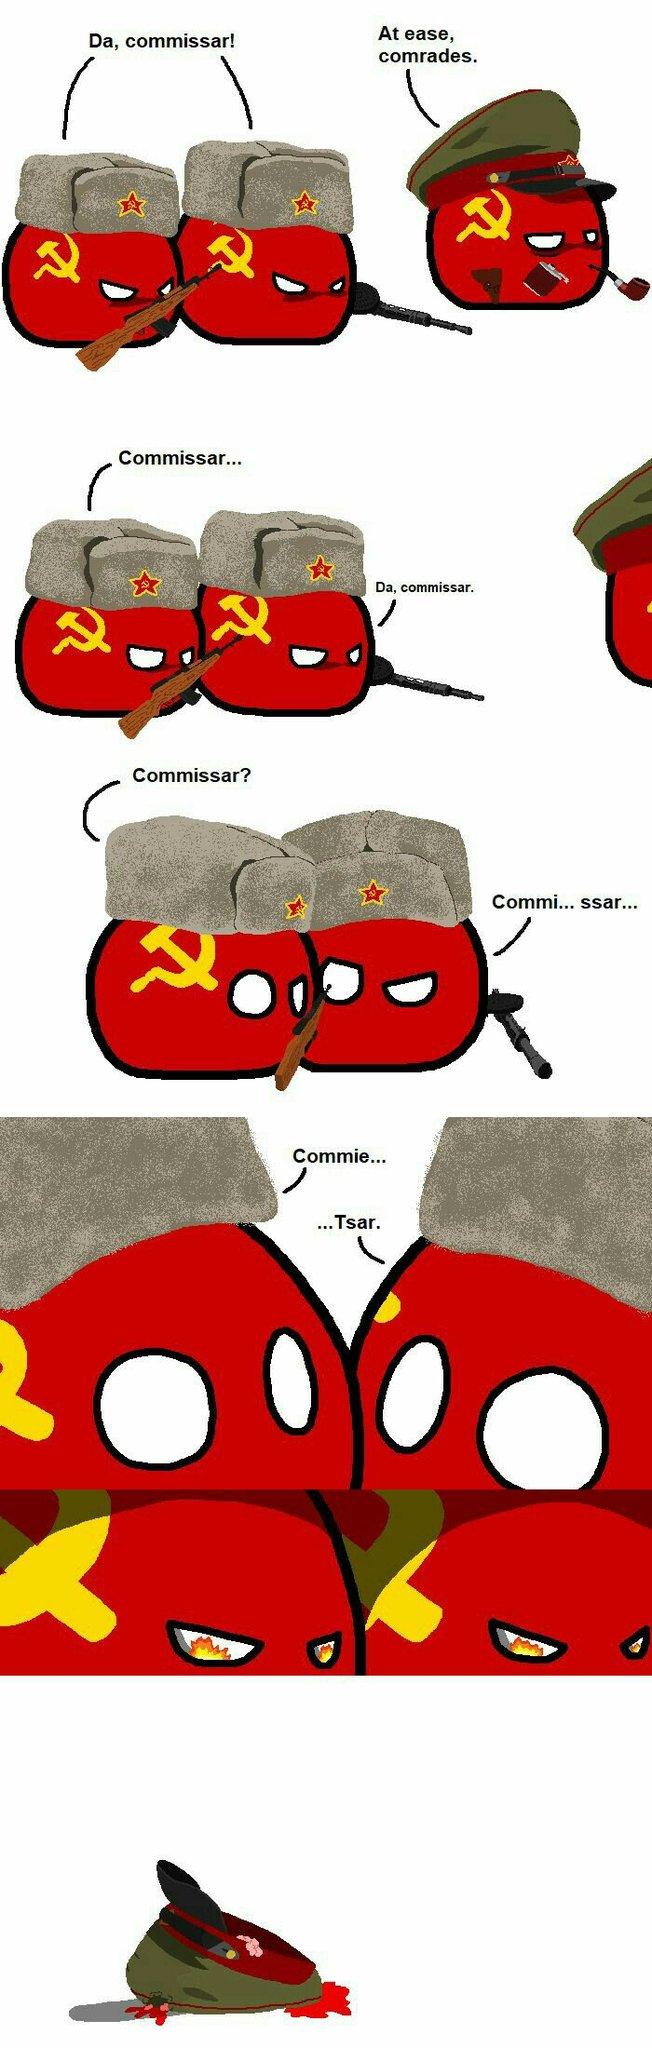 Tsar es zar - meme